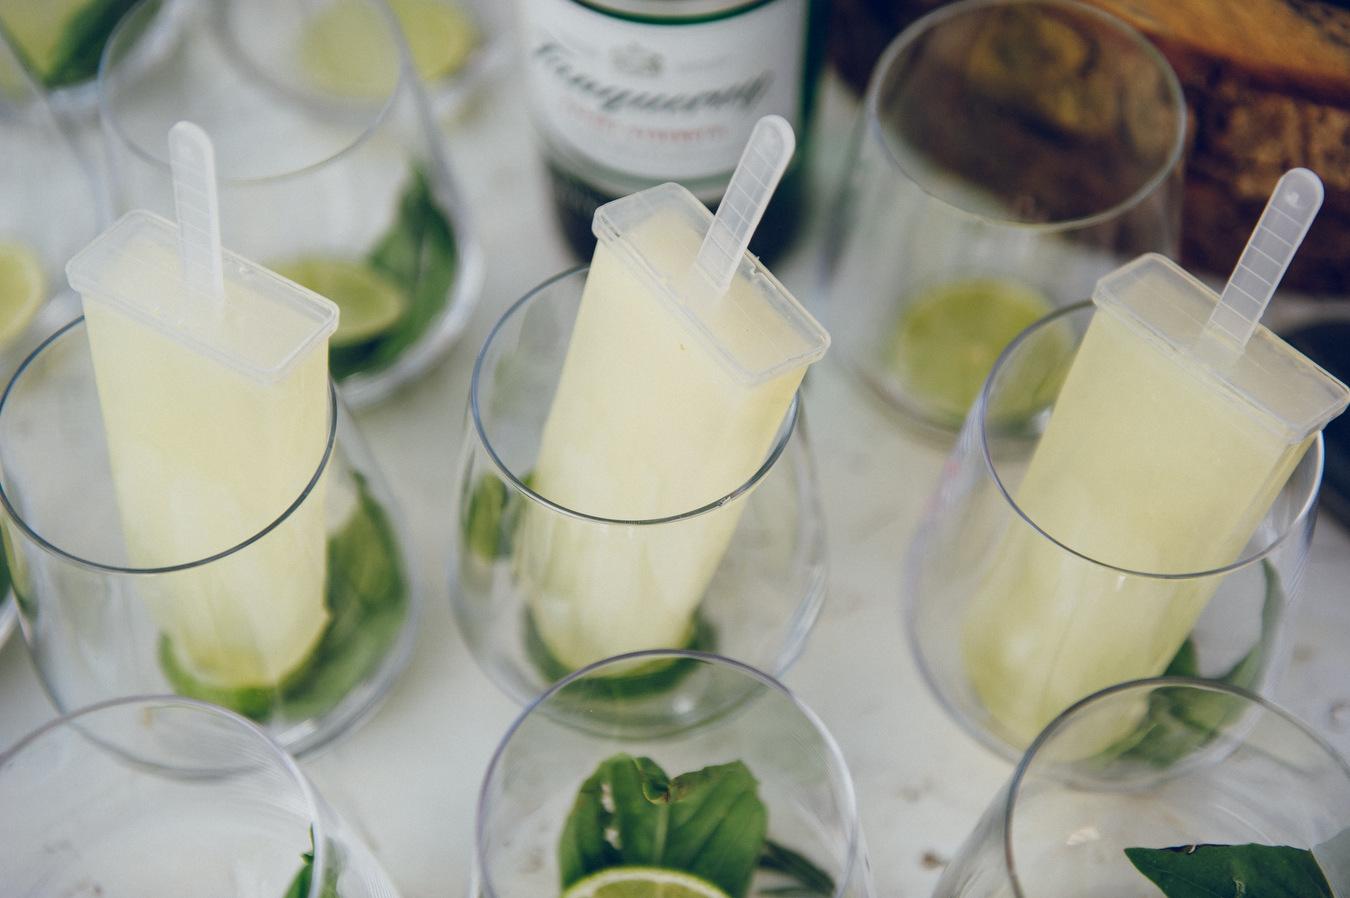 calista-one-lista-de-bodas-online-blog-de-bodas-calista-one-summer-party-2016-cocteles-4